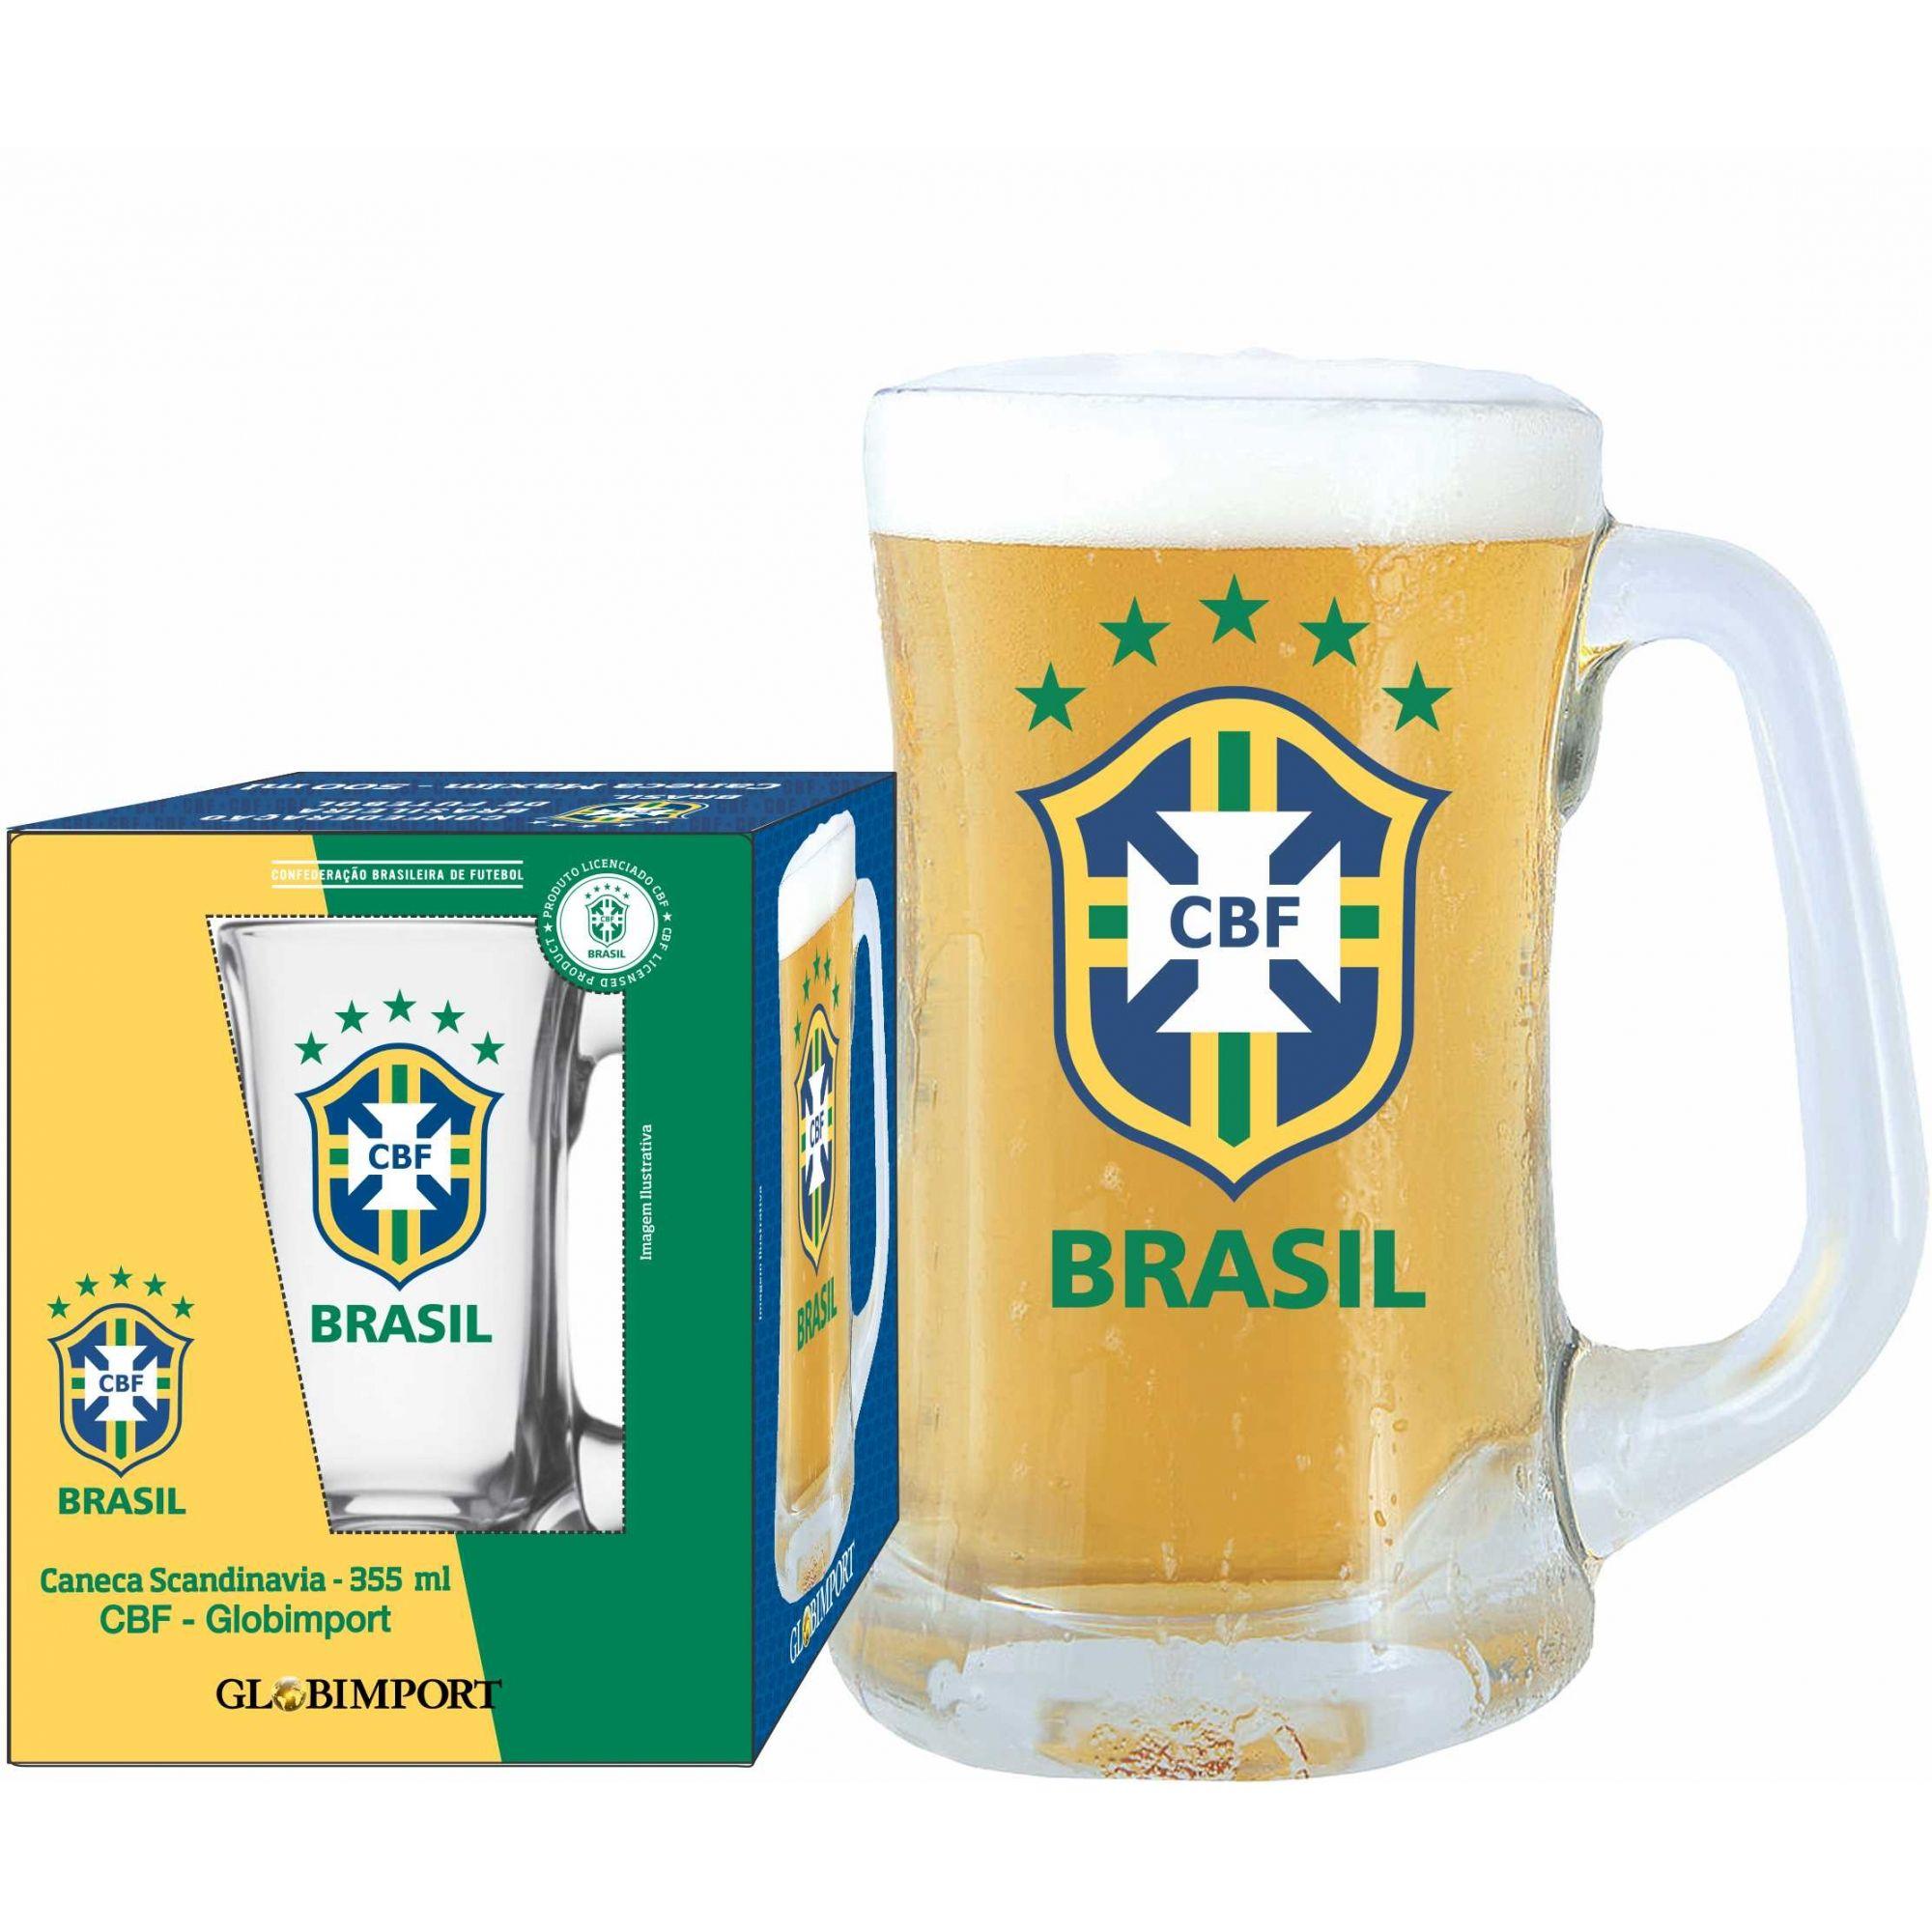 Caneca Scandinavia CBF Brasão - 355 ml